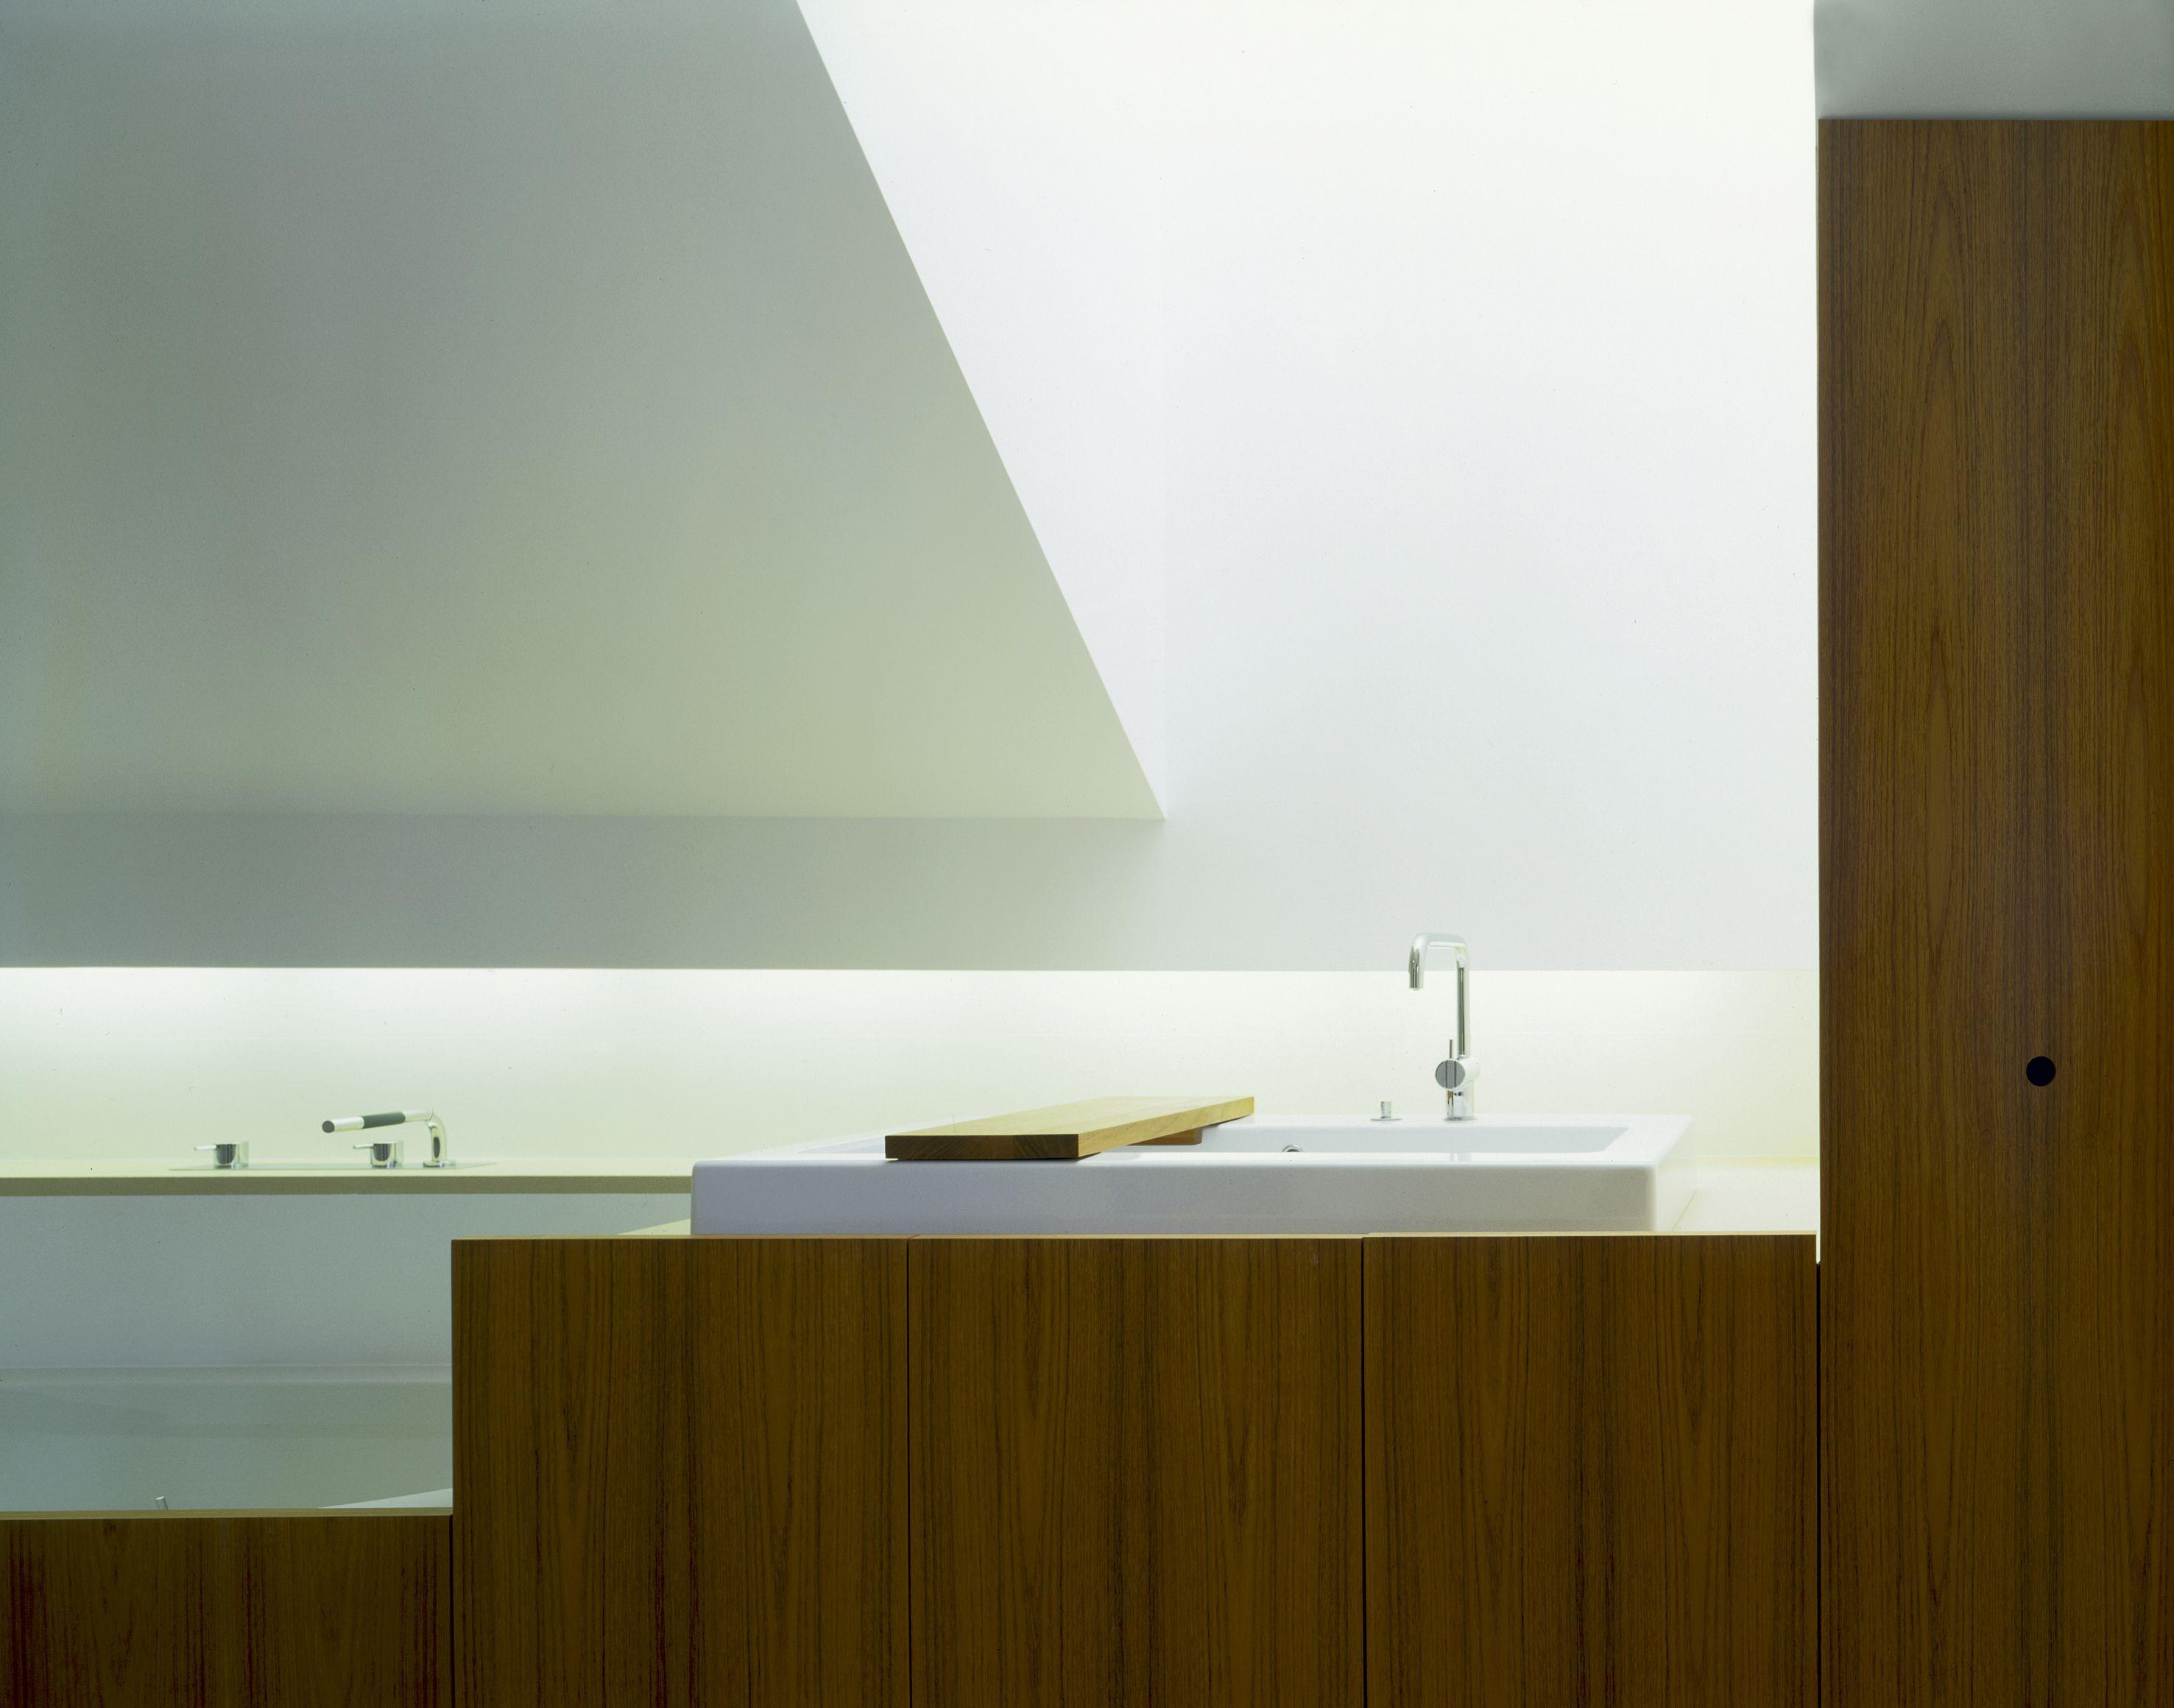 Wohnraum Trabert, Entwurf FISCHILL Architekt